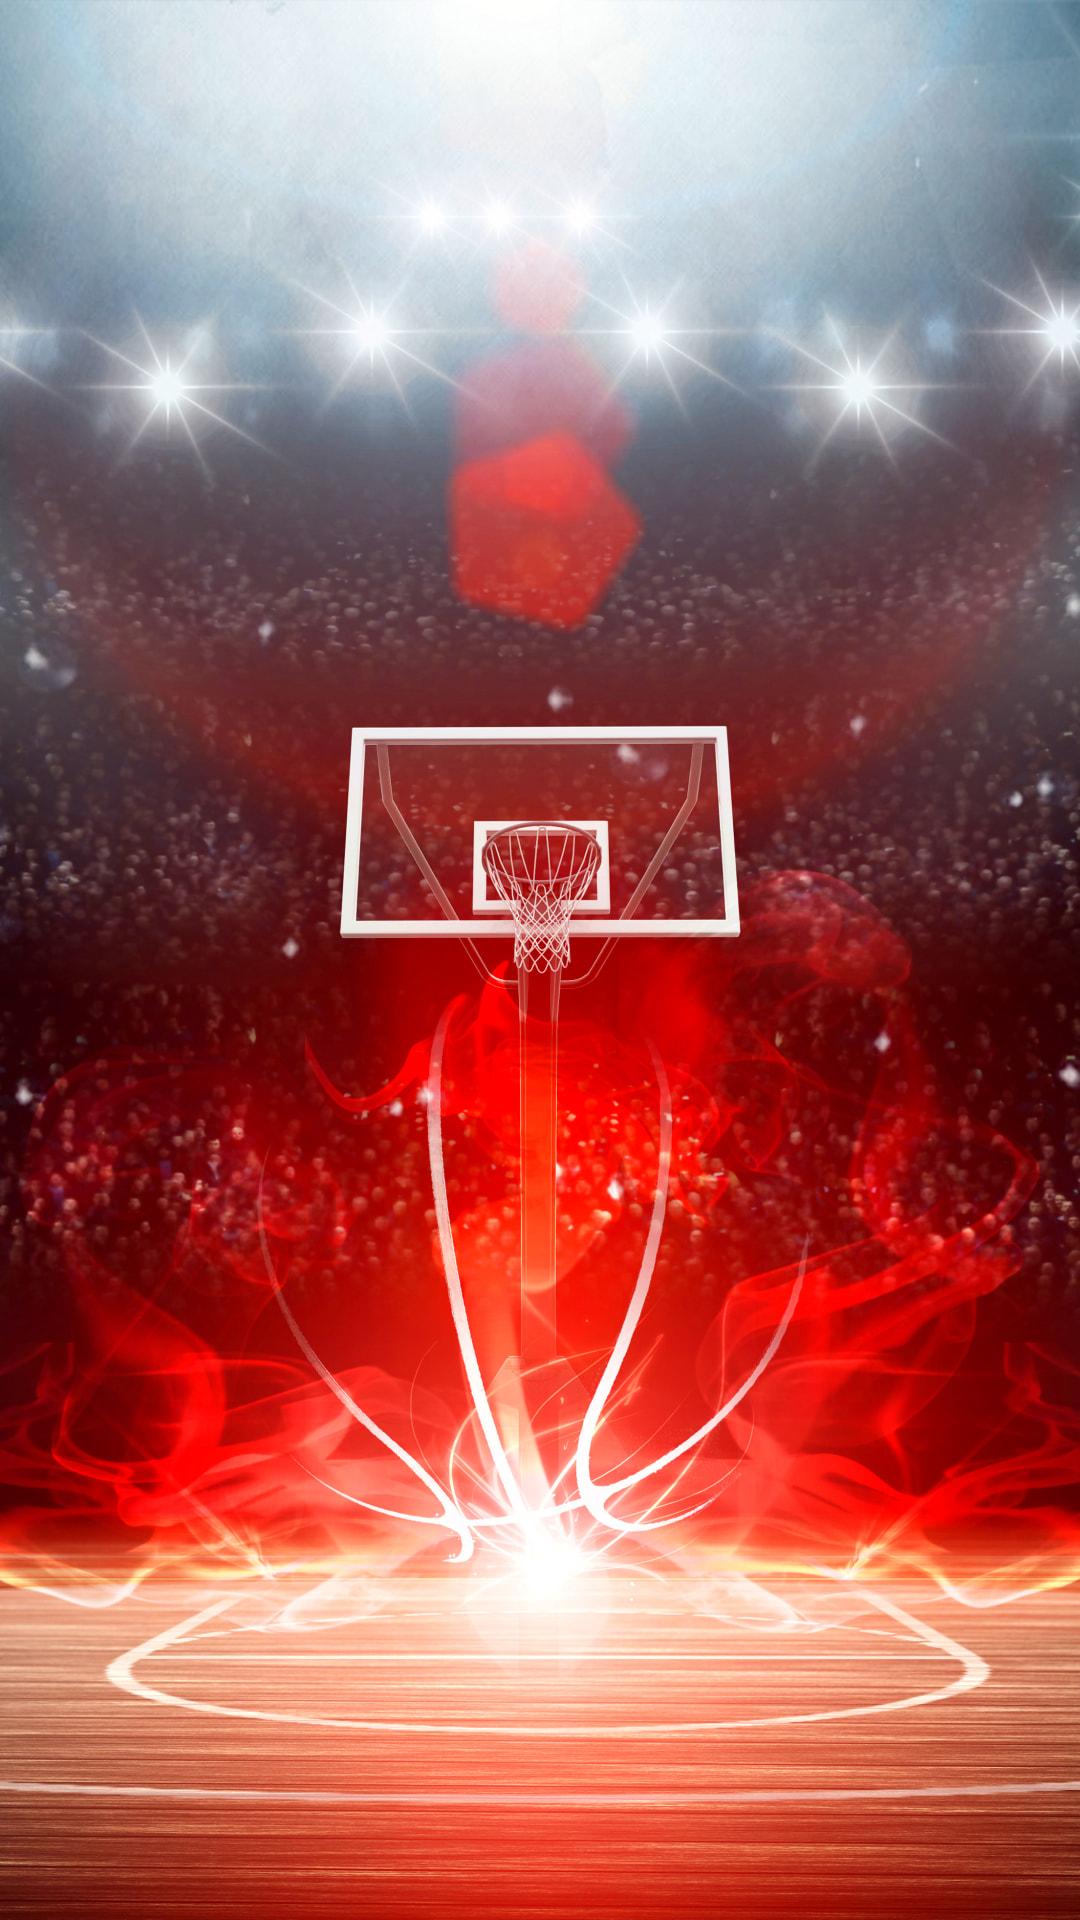 Iphone Xr Wallpaper Basketball Ipcwallpapers